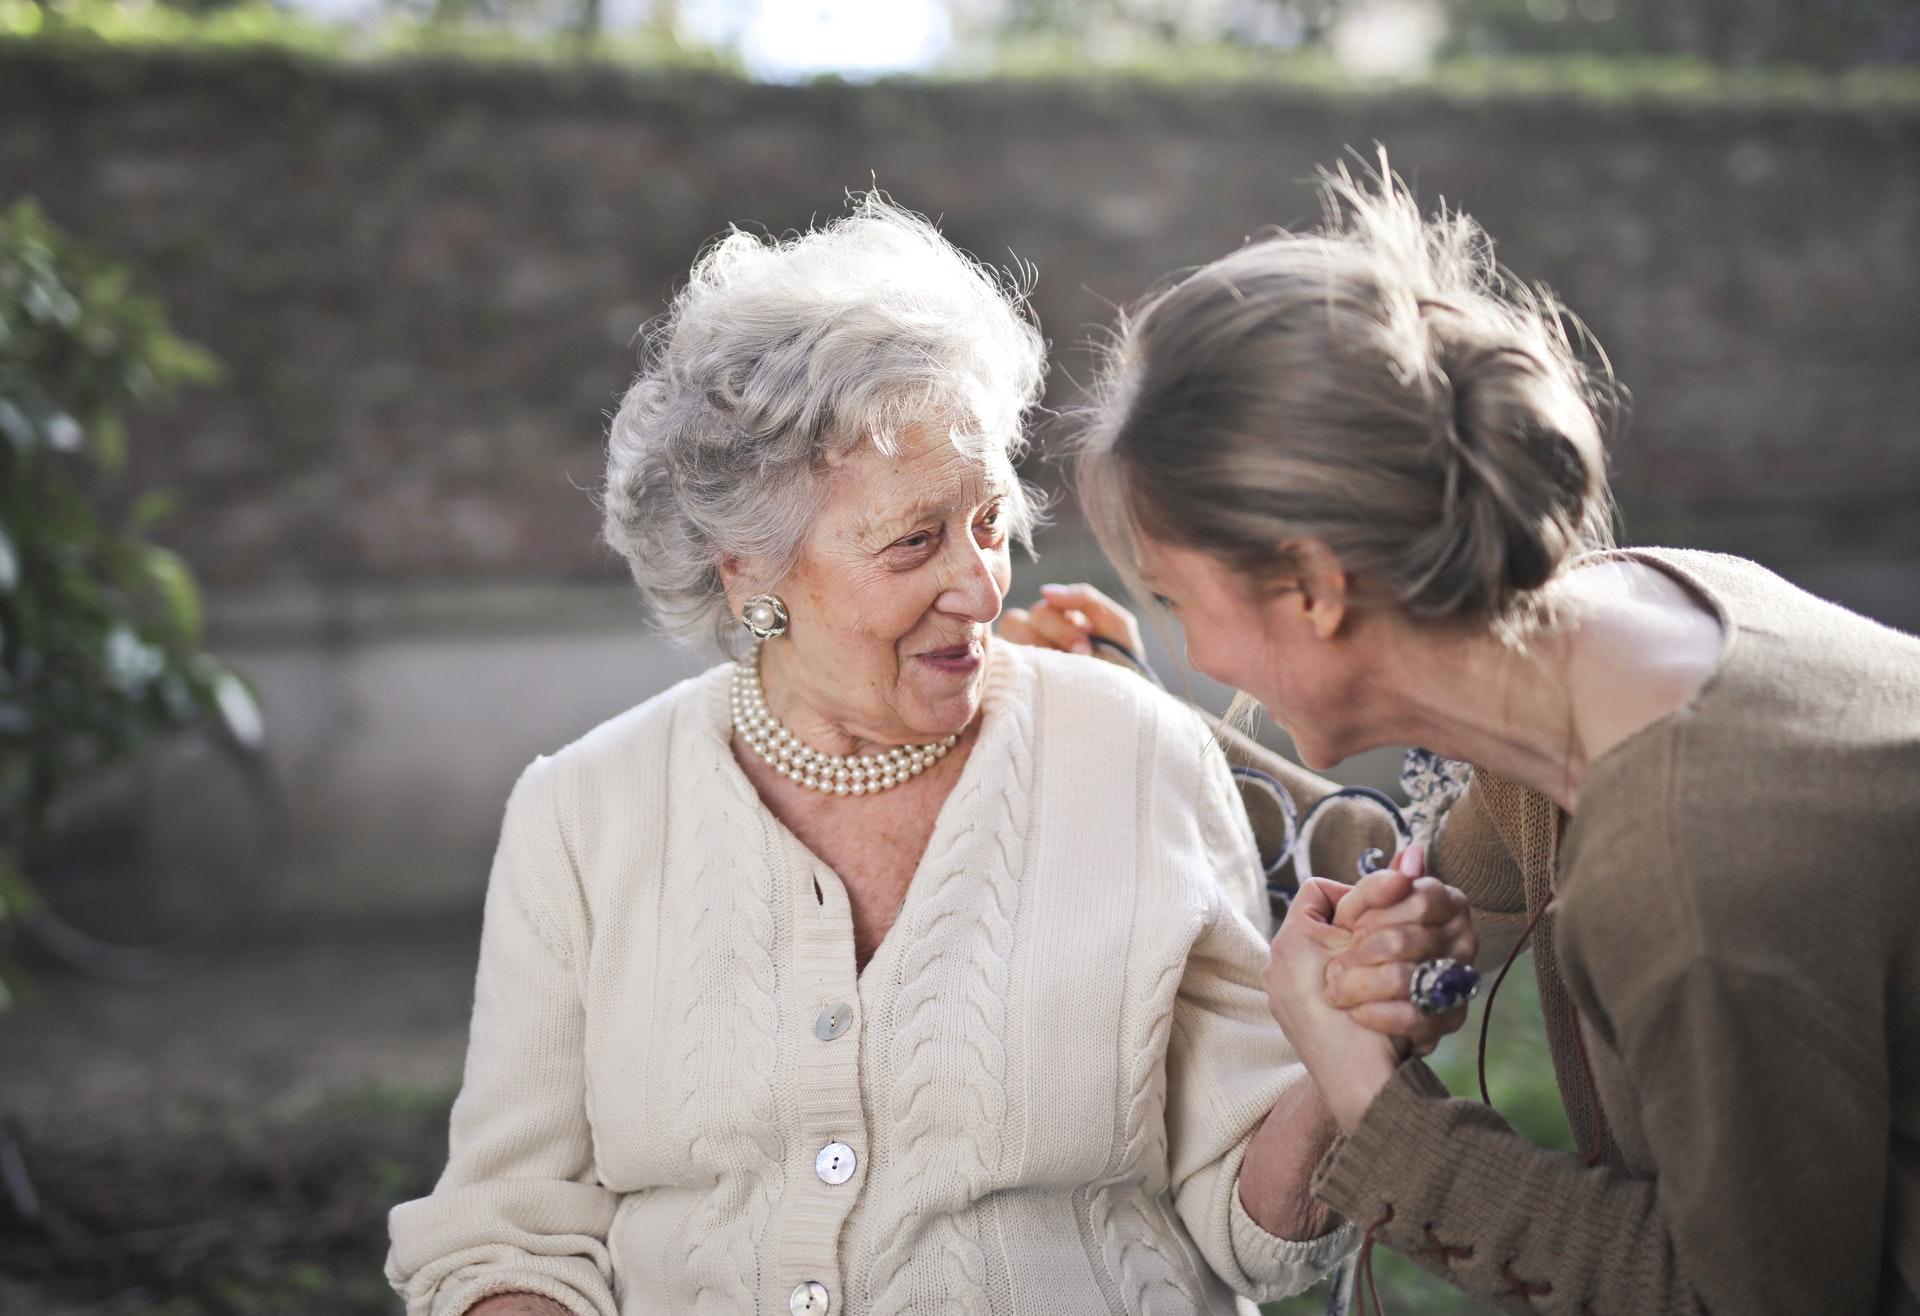 Составлен топ-5 проблем для здоровья пожилых людей старше 60 лет